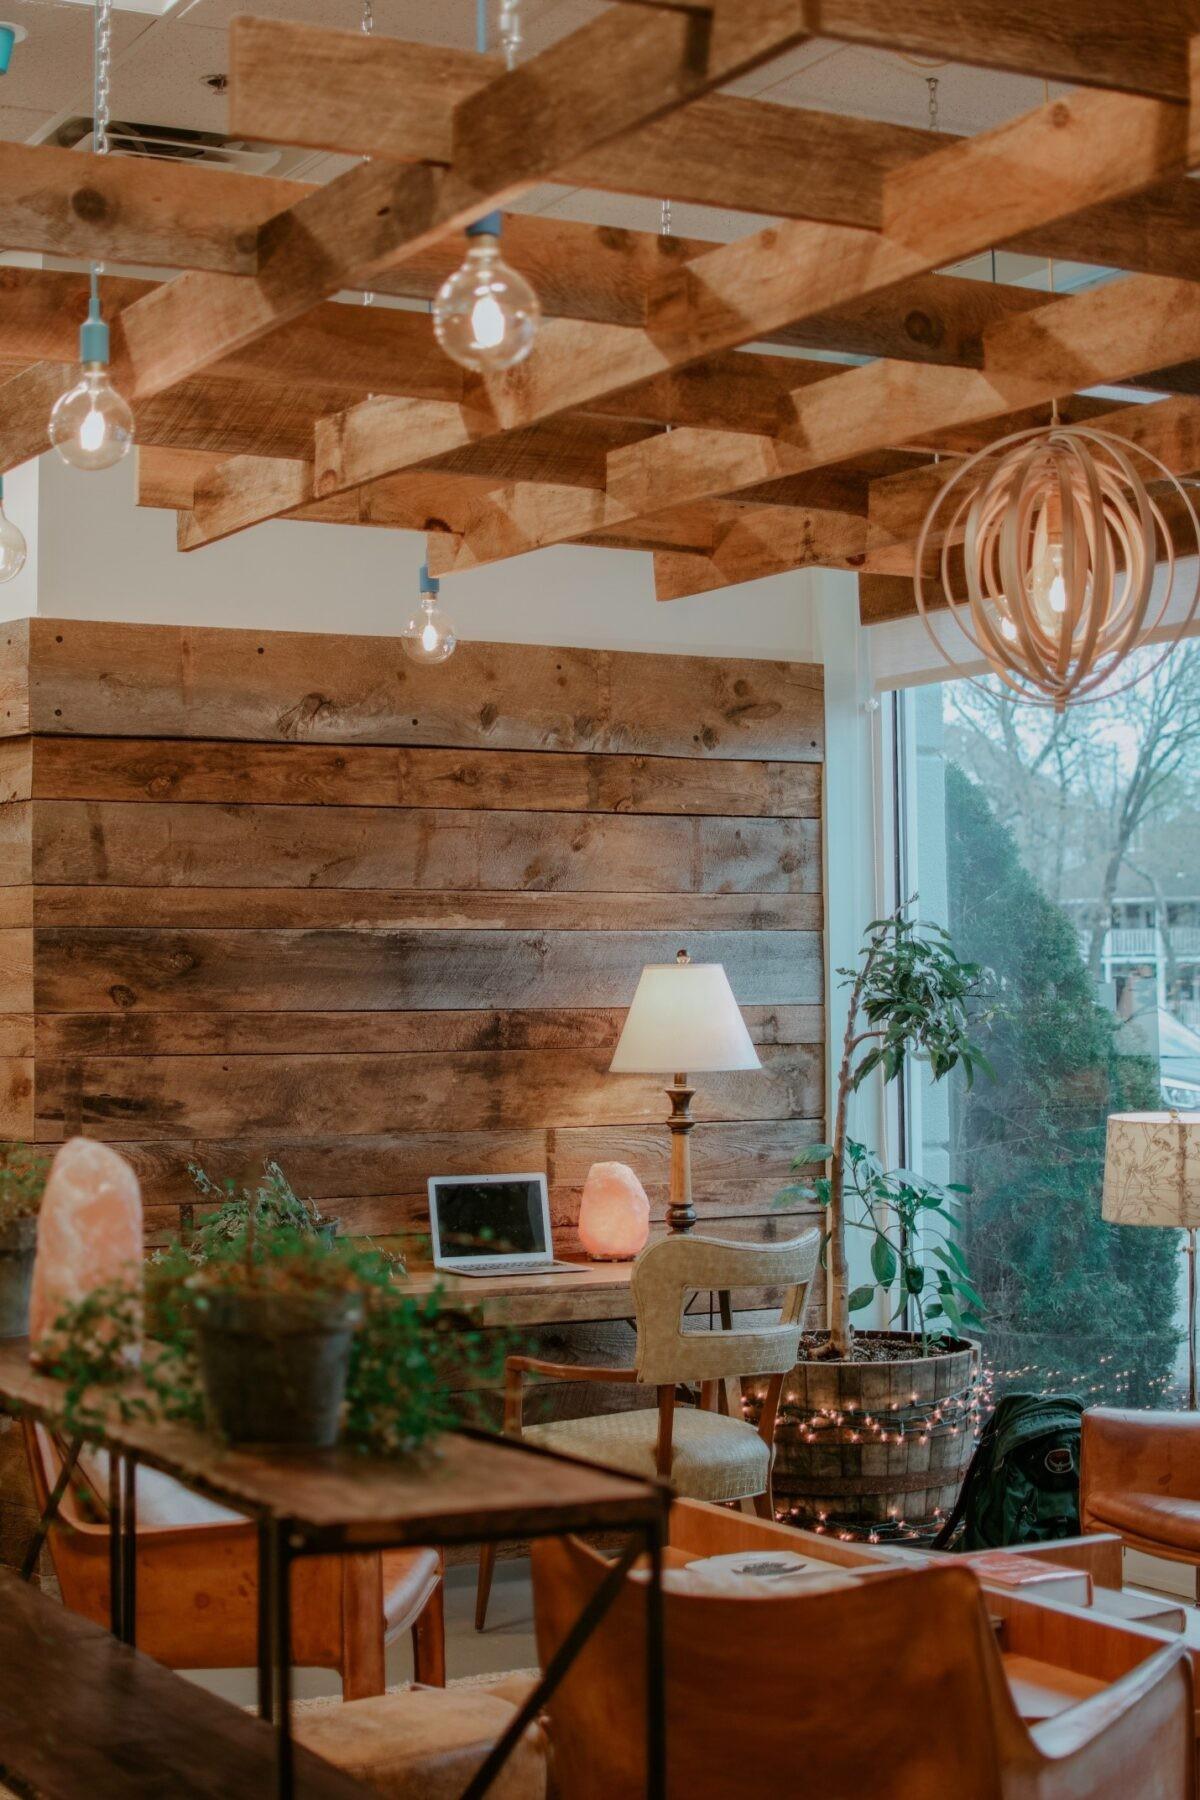 ديكورات خشب للمنزل- السقف الخشبي المعلق